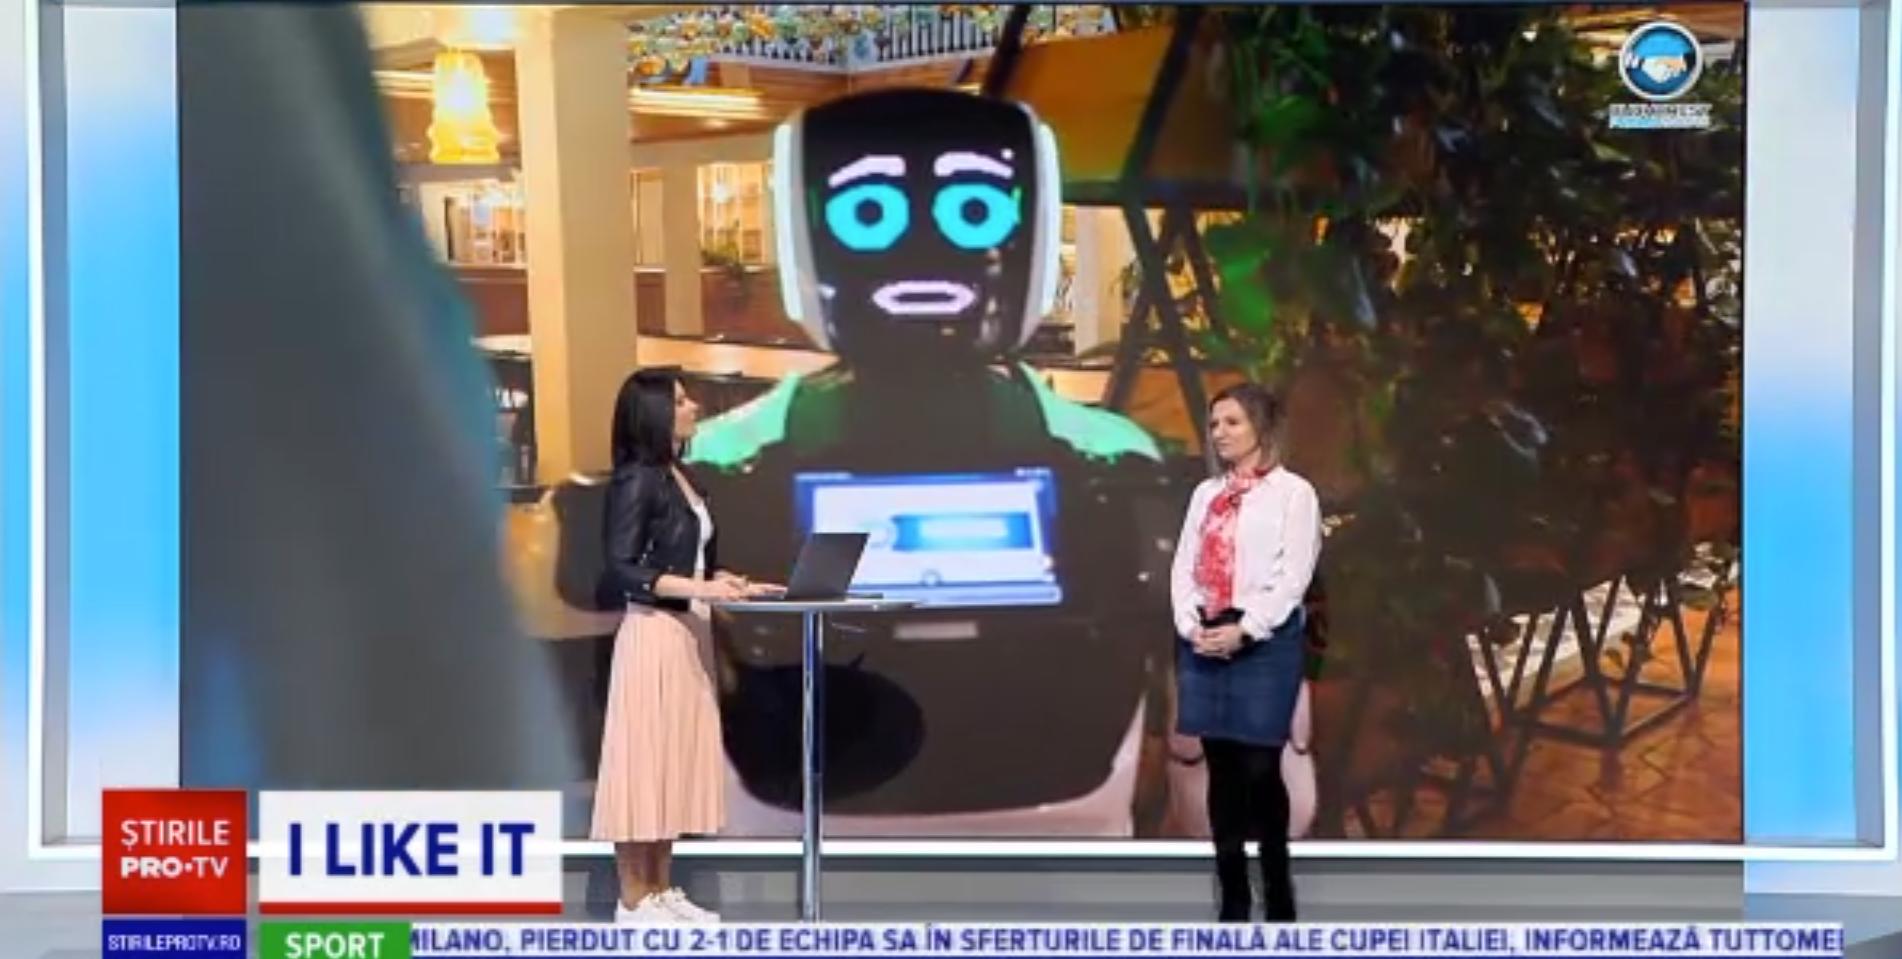 iLikeIT. Cum arată și cum funcționează roboții care îi pot înlocui pe chelneri